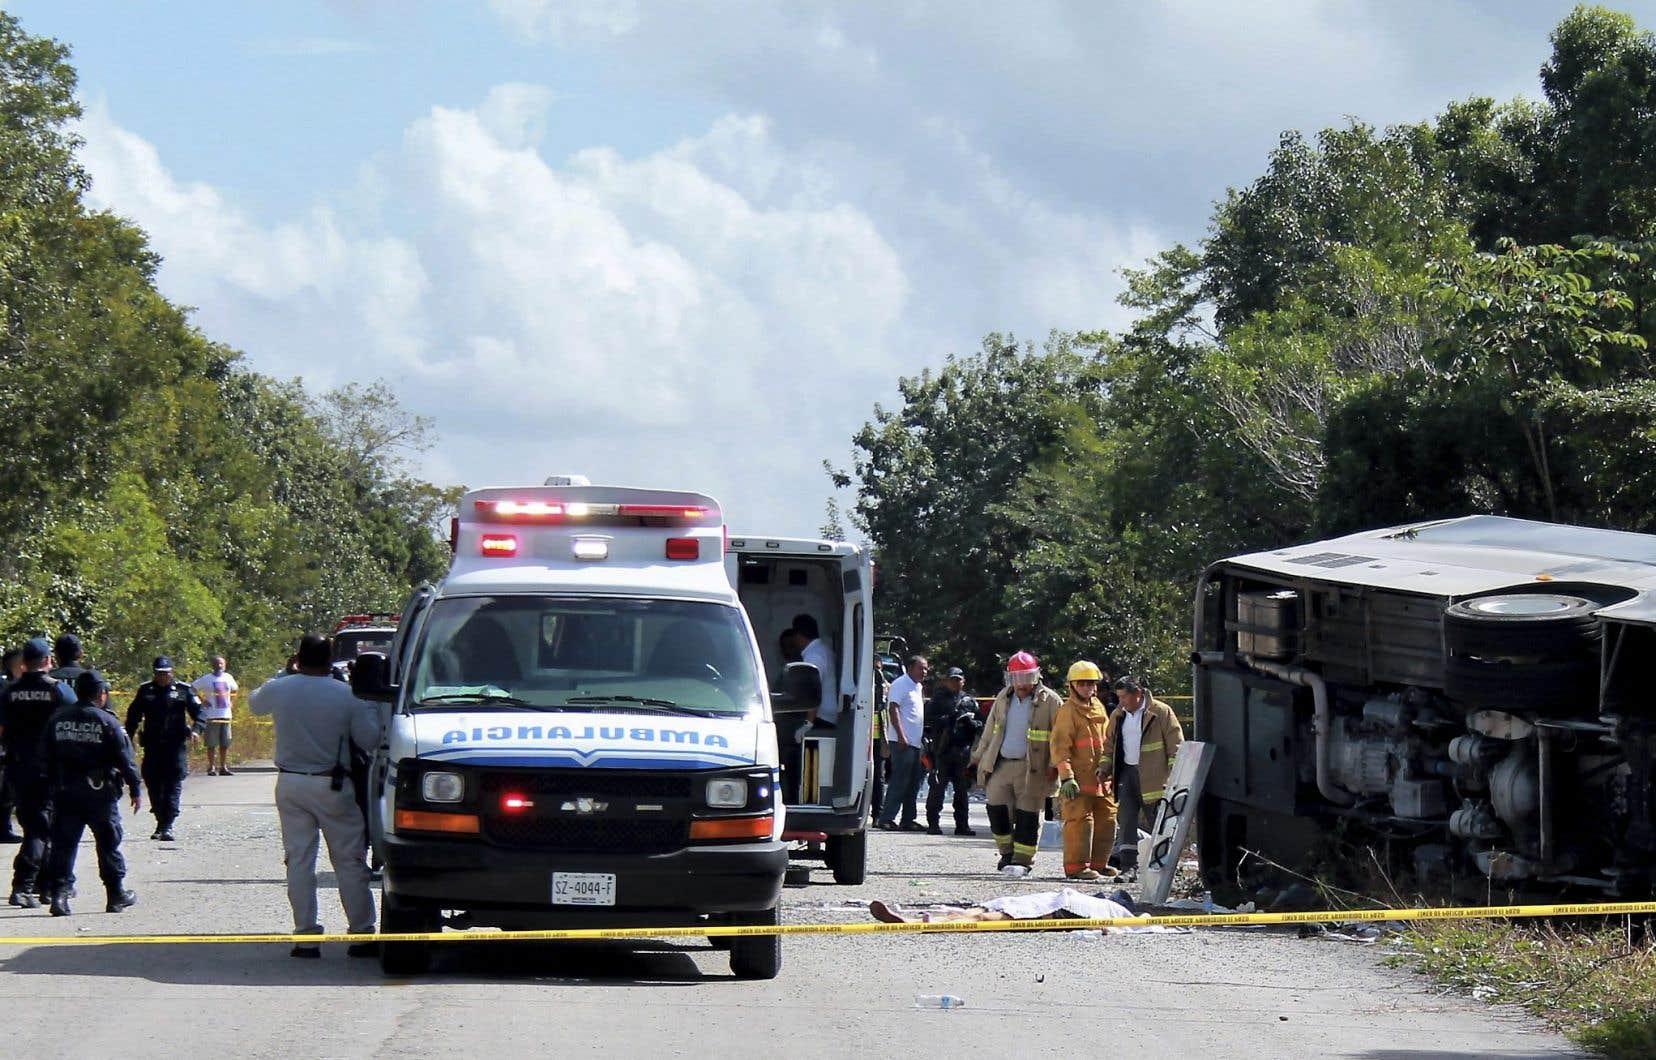 L'autocar se rendait aux ruines de Chacchoben, à environ 175 kilomètres au sud de Tulum, au moment de l'accident.